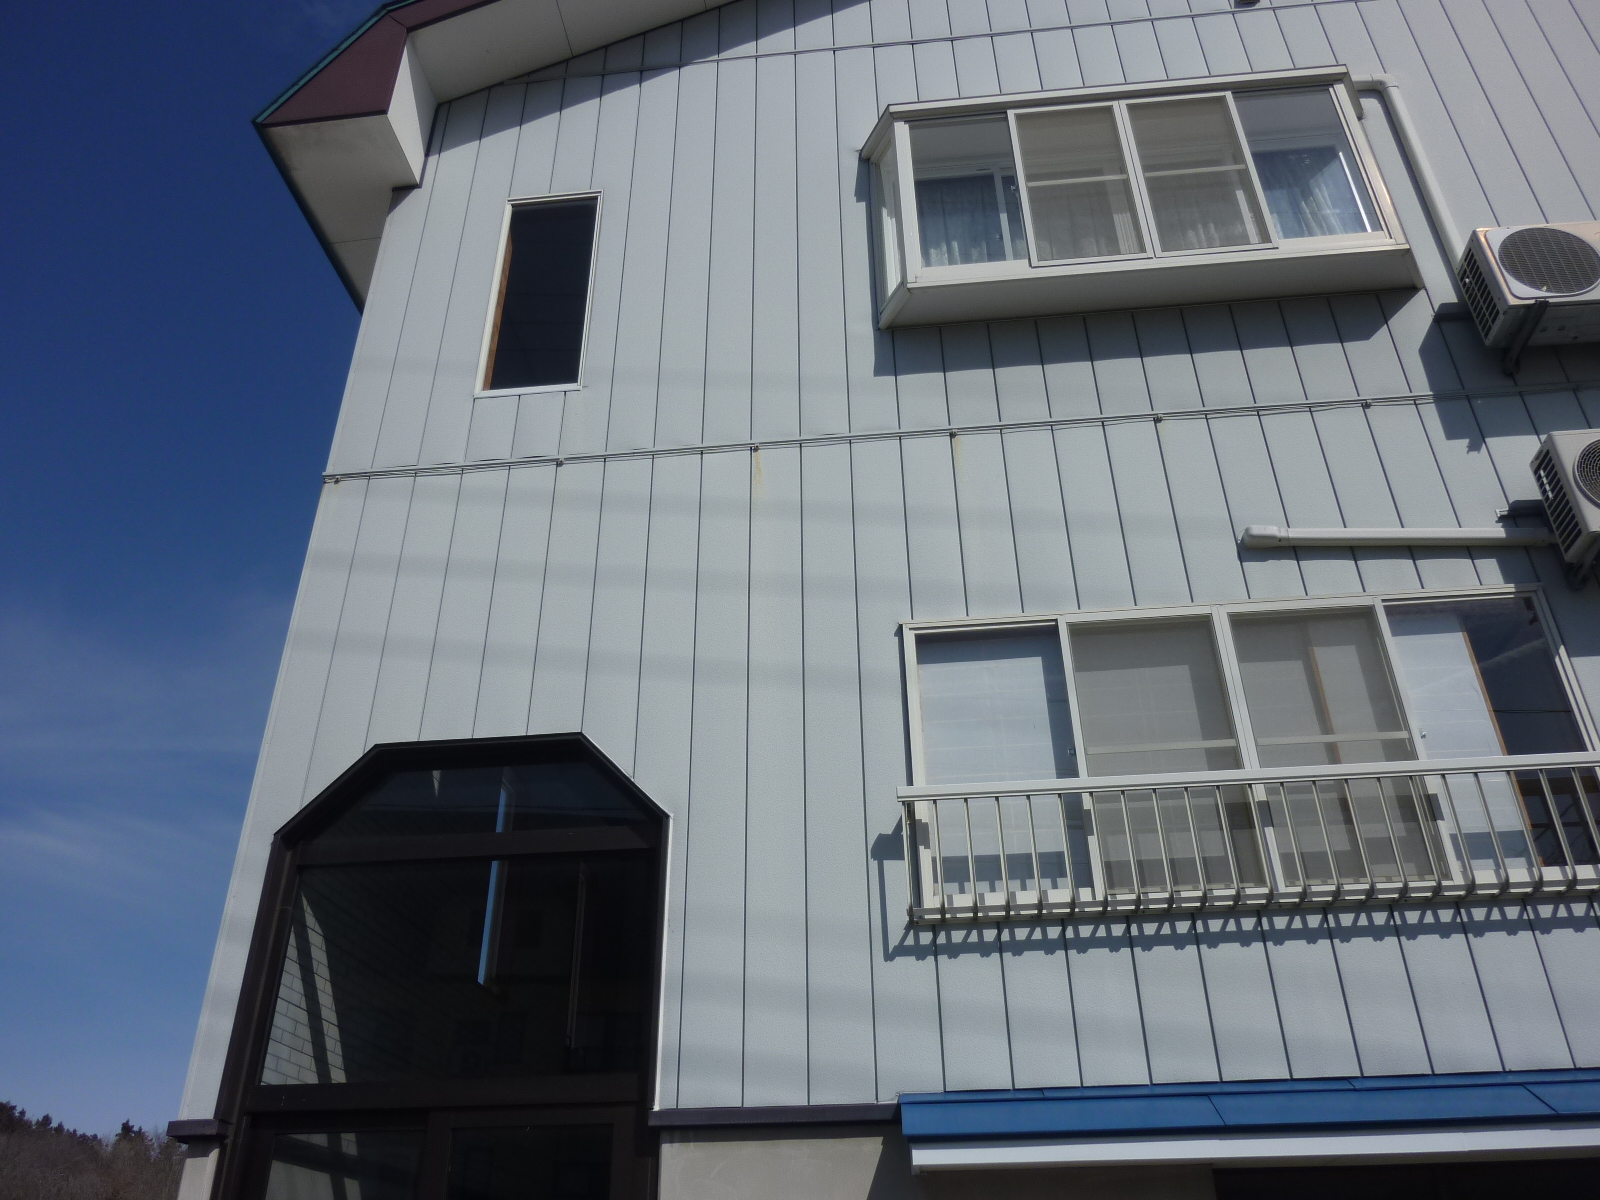 妙高市地内においての外壁・屋根塗装の現地調査の報告です!